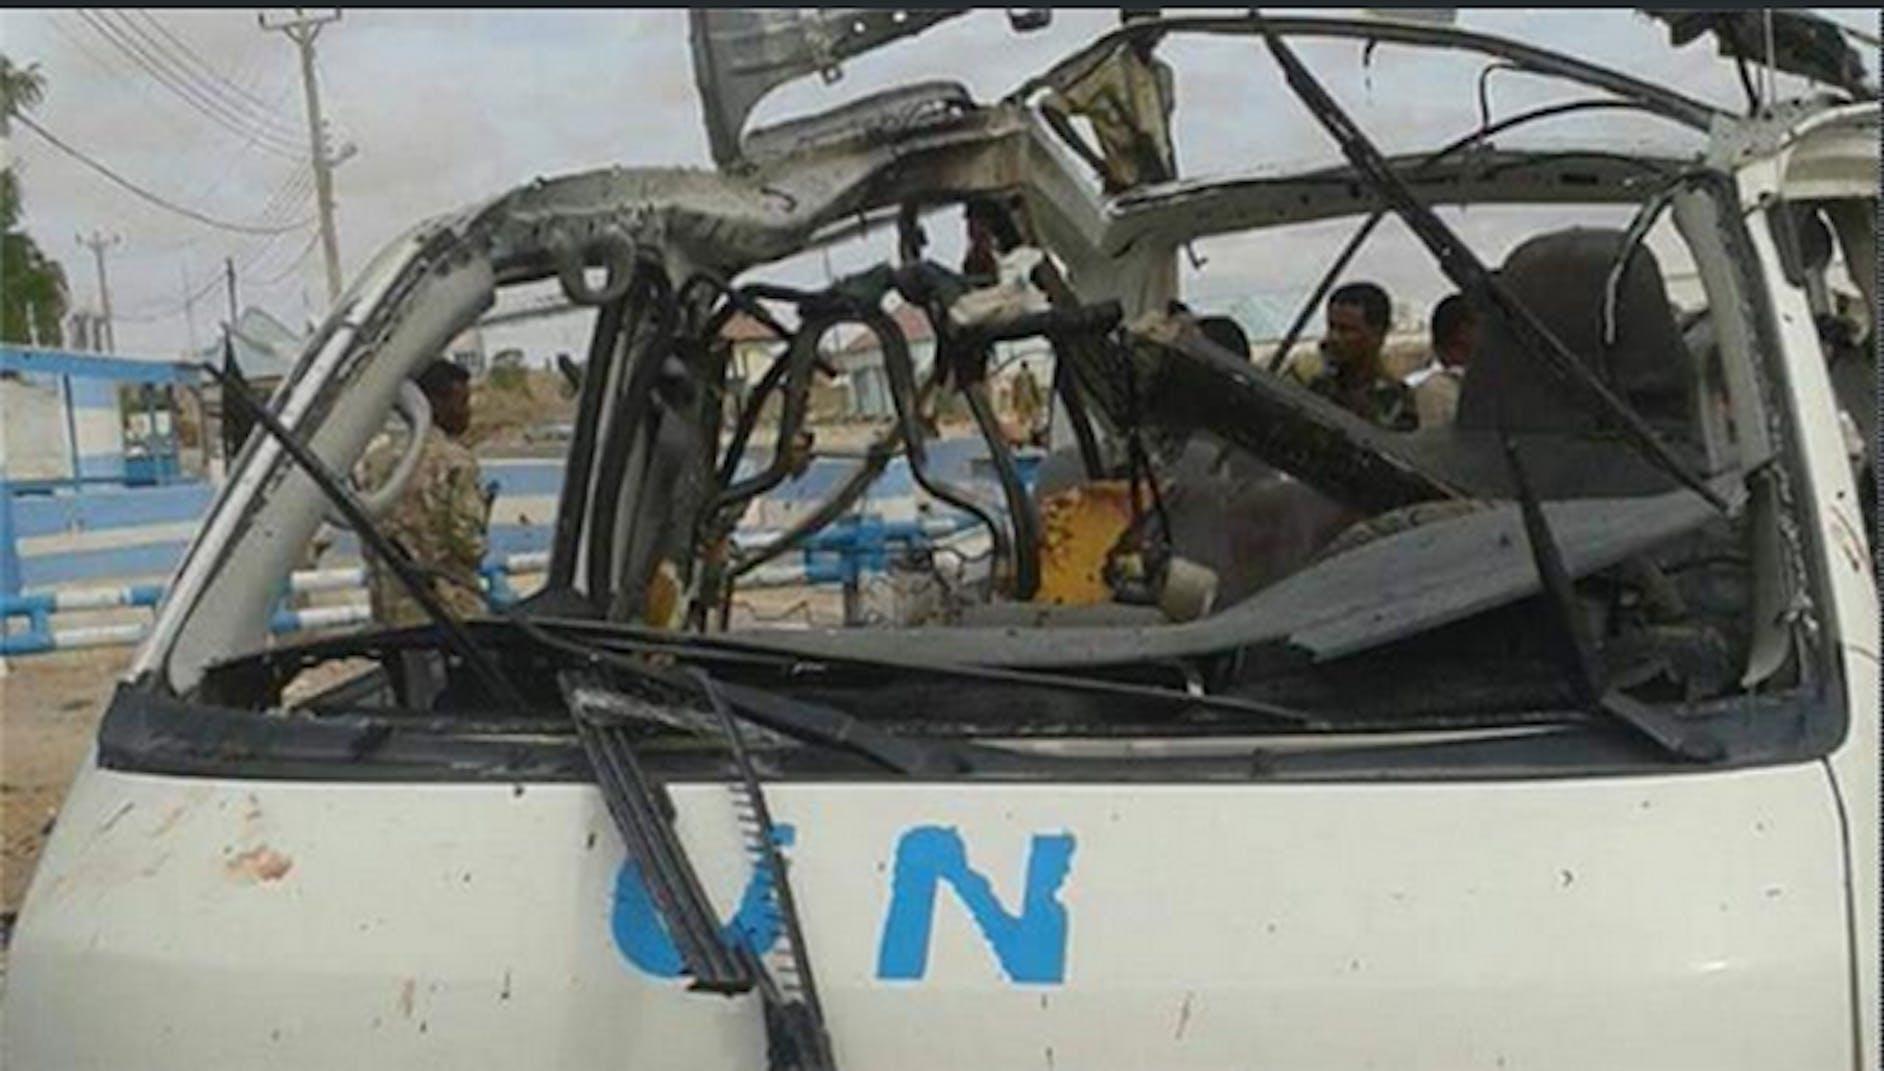 Un'immagine del minivan delle Nazioni Unite scattata subito dopo l'attentato